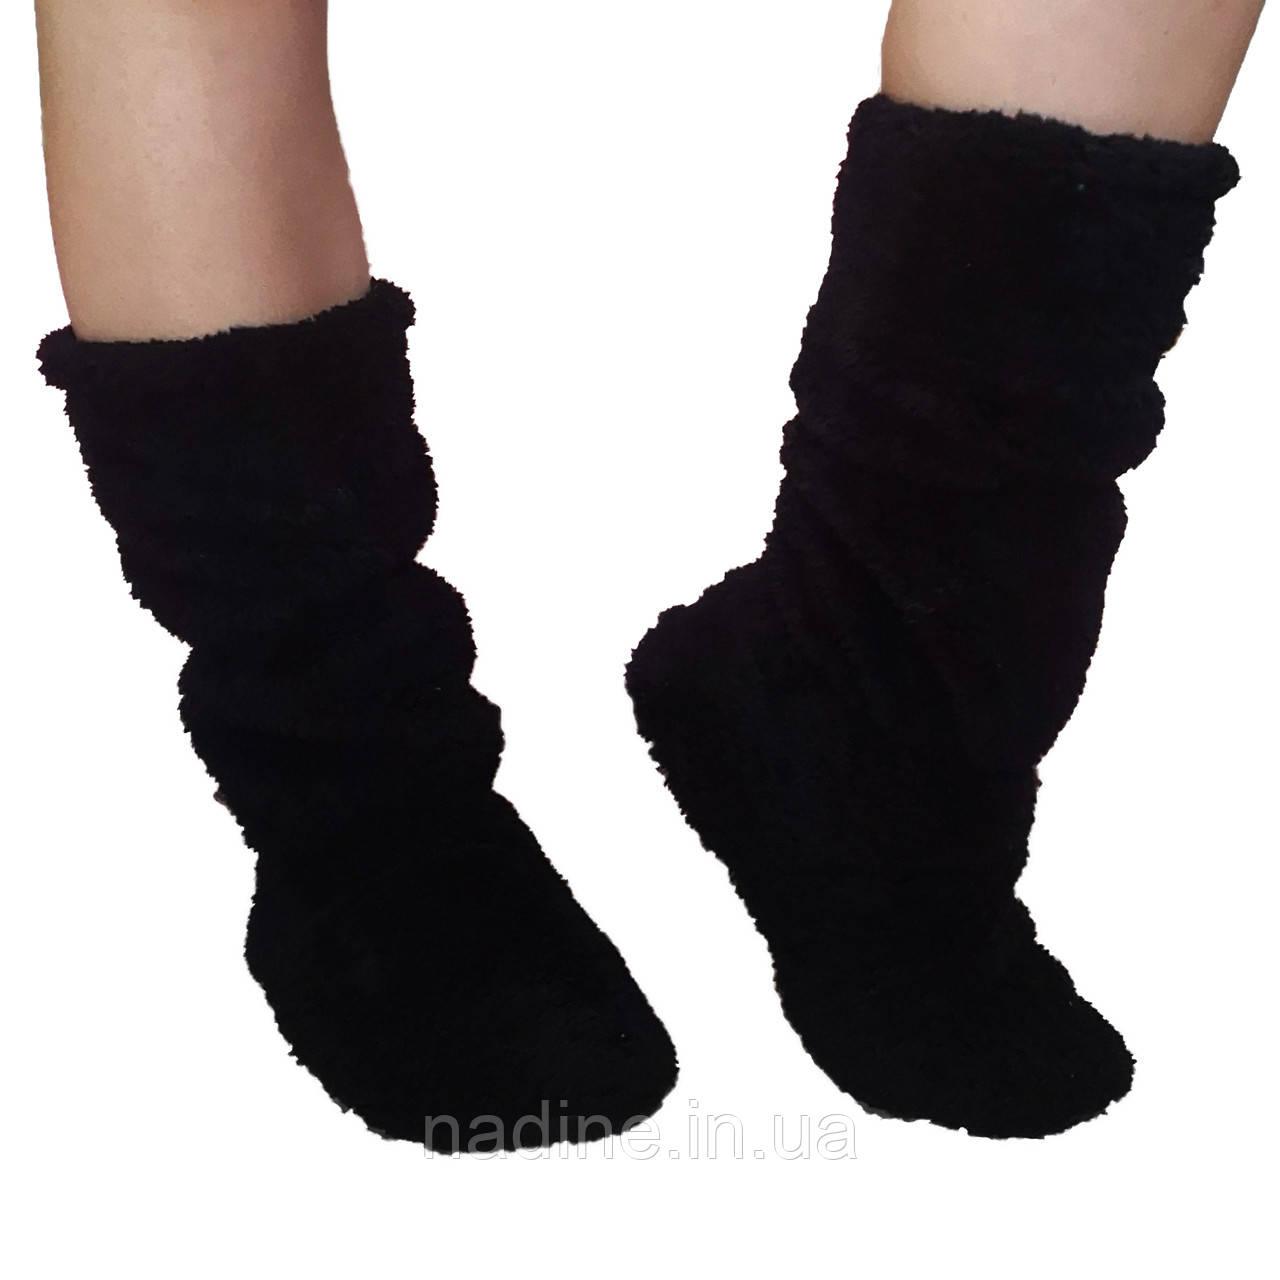 Домашні чобітки Eirena Nadine (black S-574-34) чорні 22 см